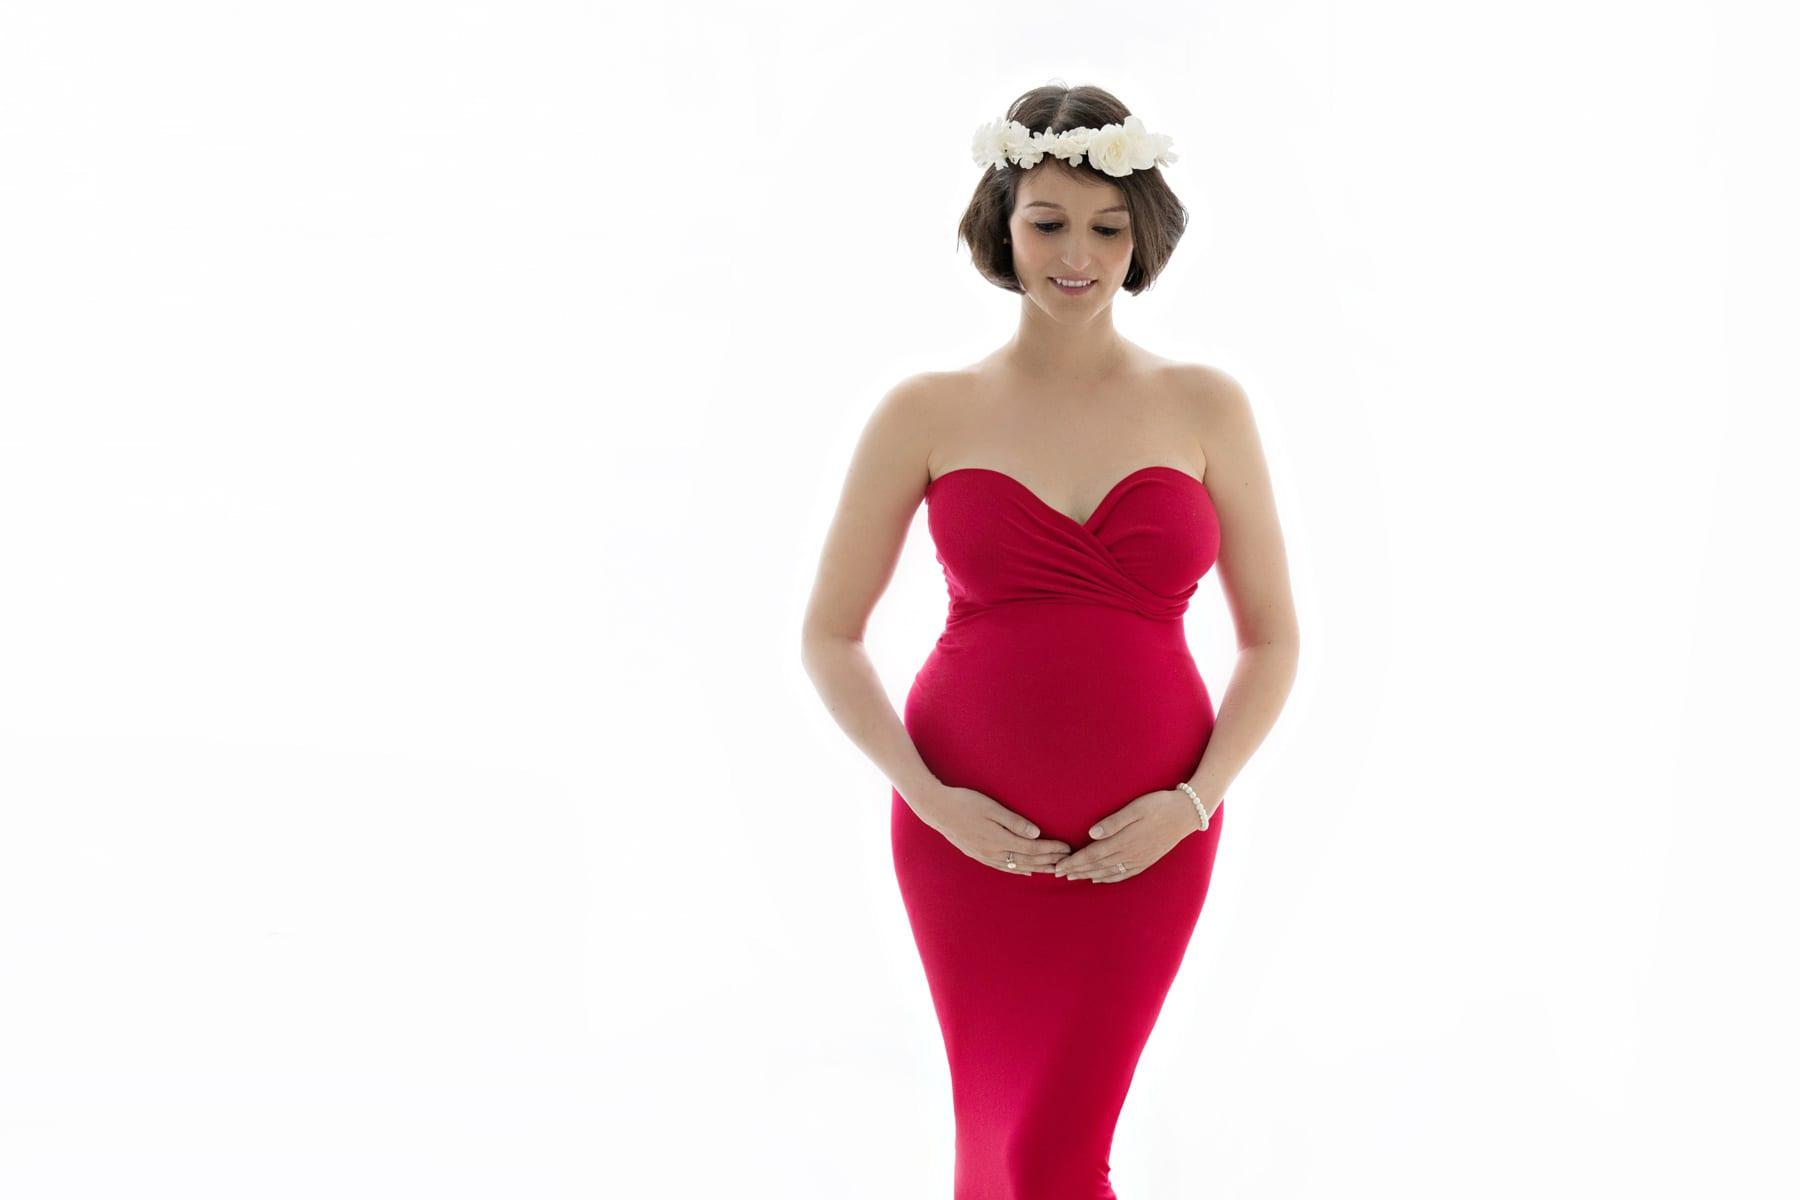 Babybauch-Fotoshooting Frau in rotem Kleid